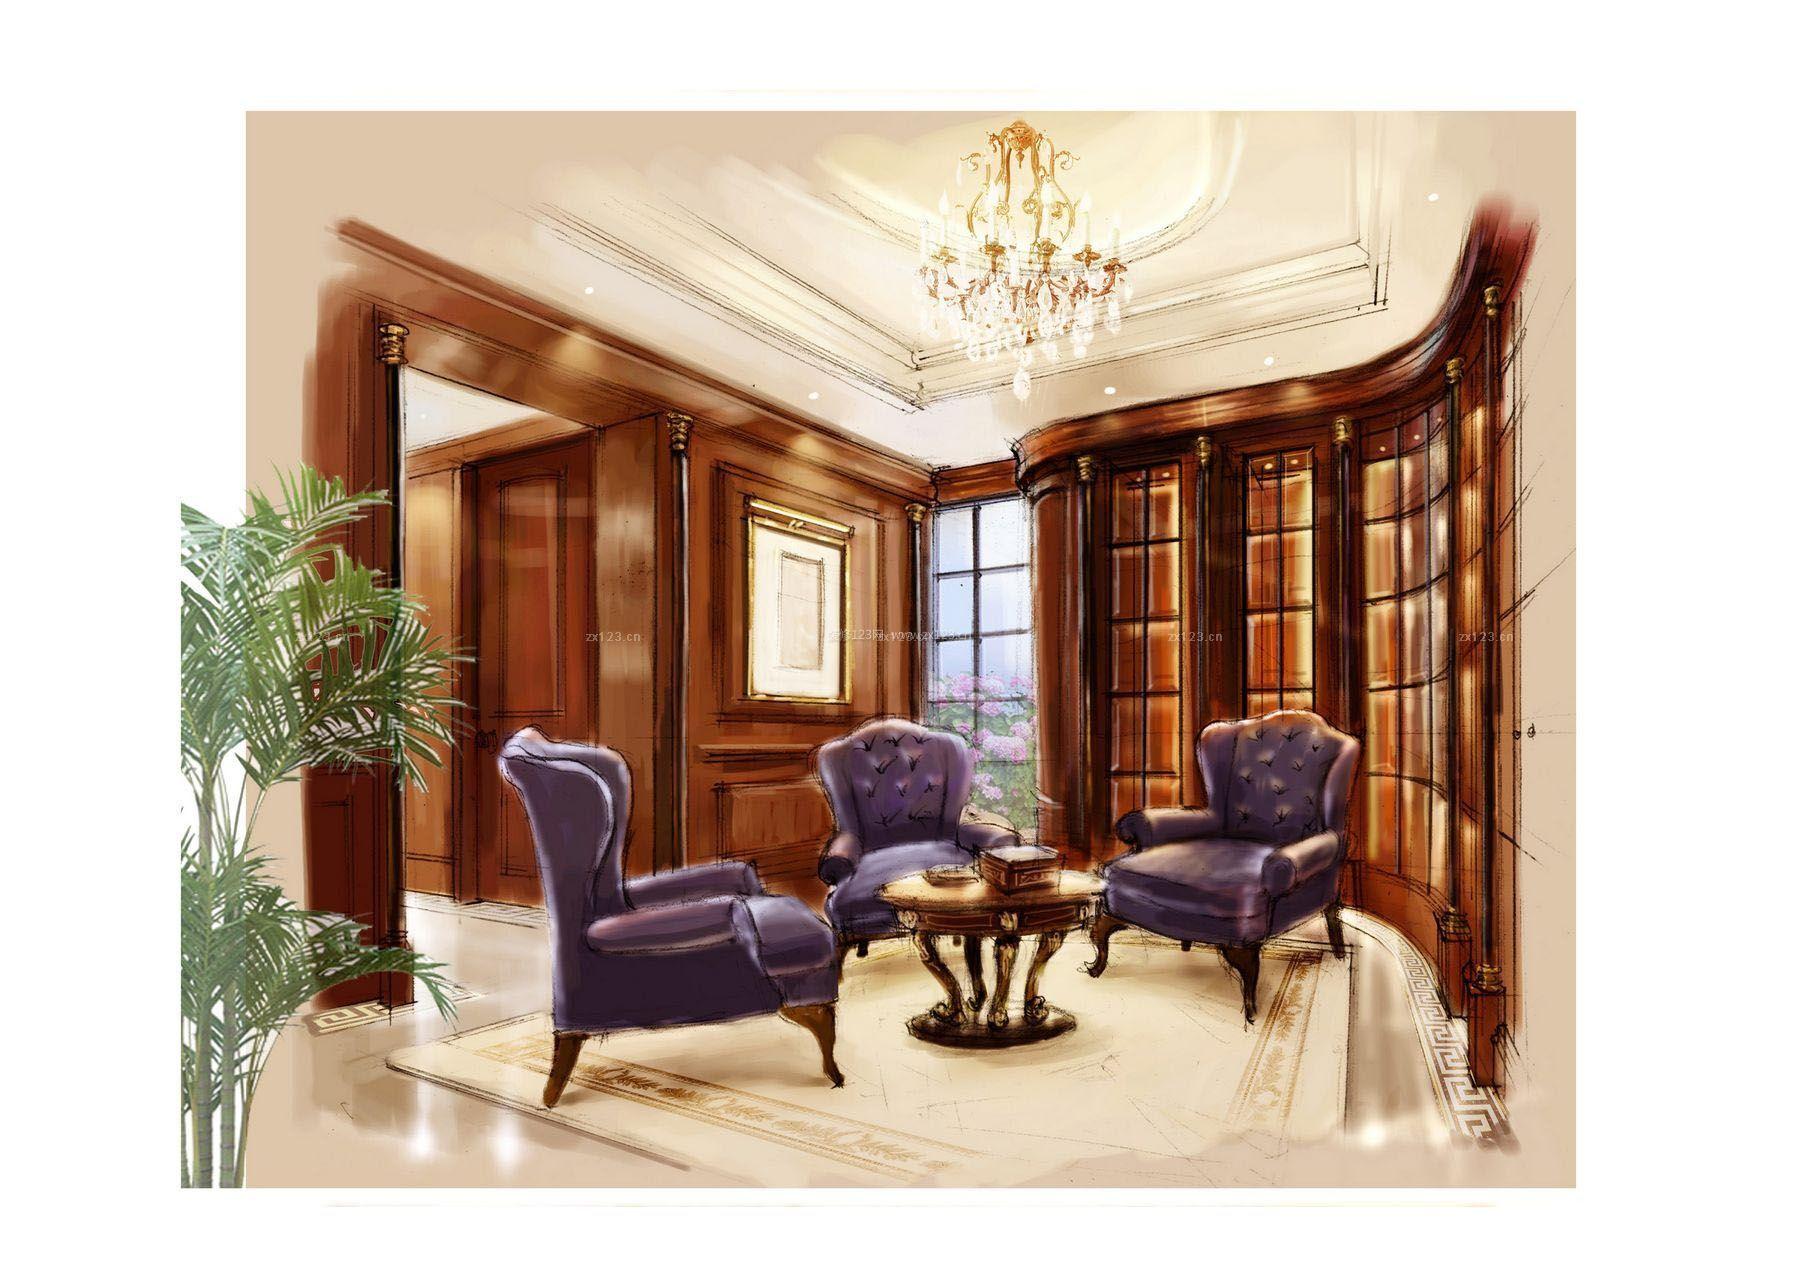 图片效果图美式美式室内休闲椅v图片等比效果图提供者cad把如何手绘绘制家装图片